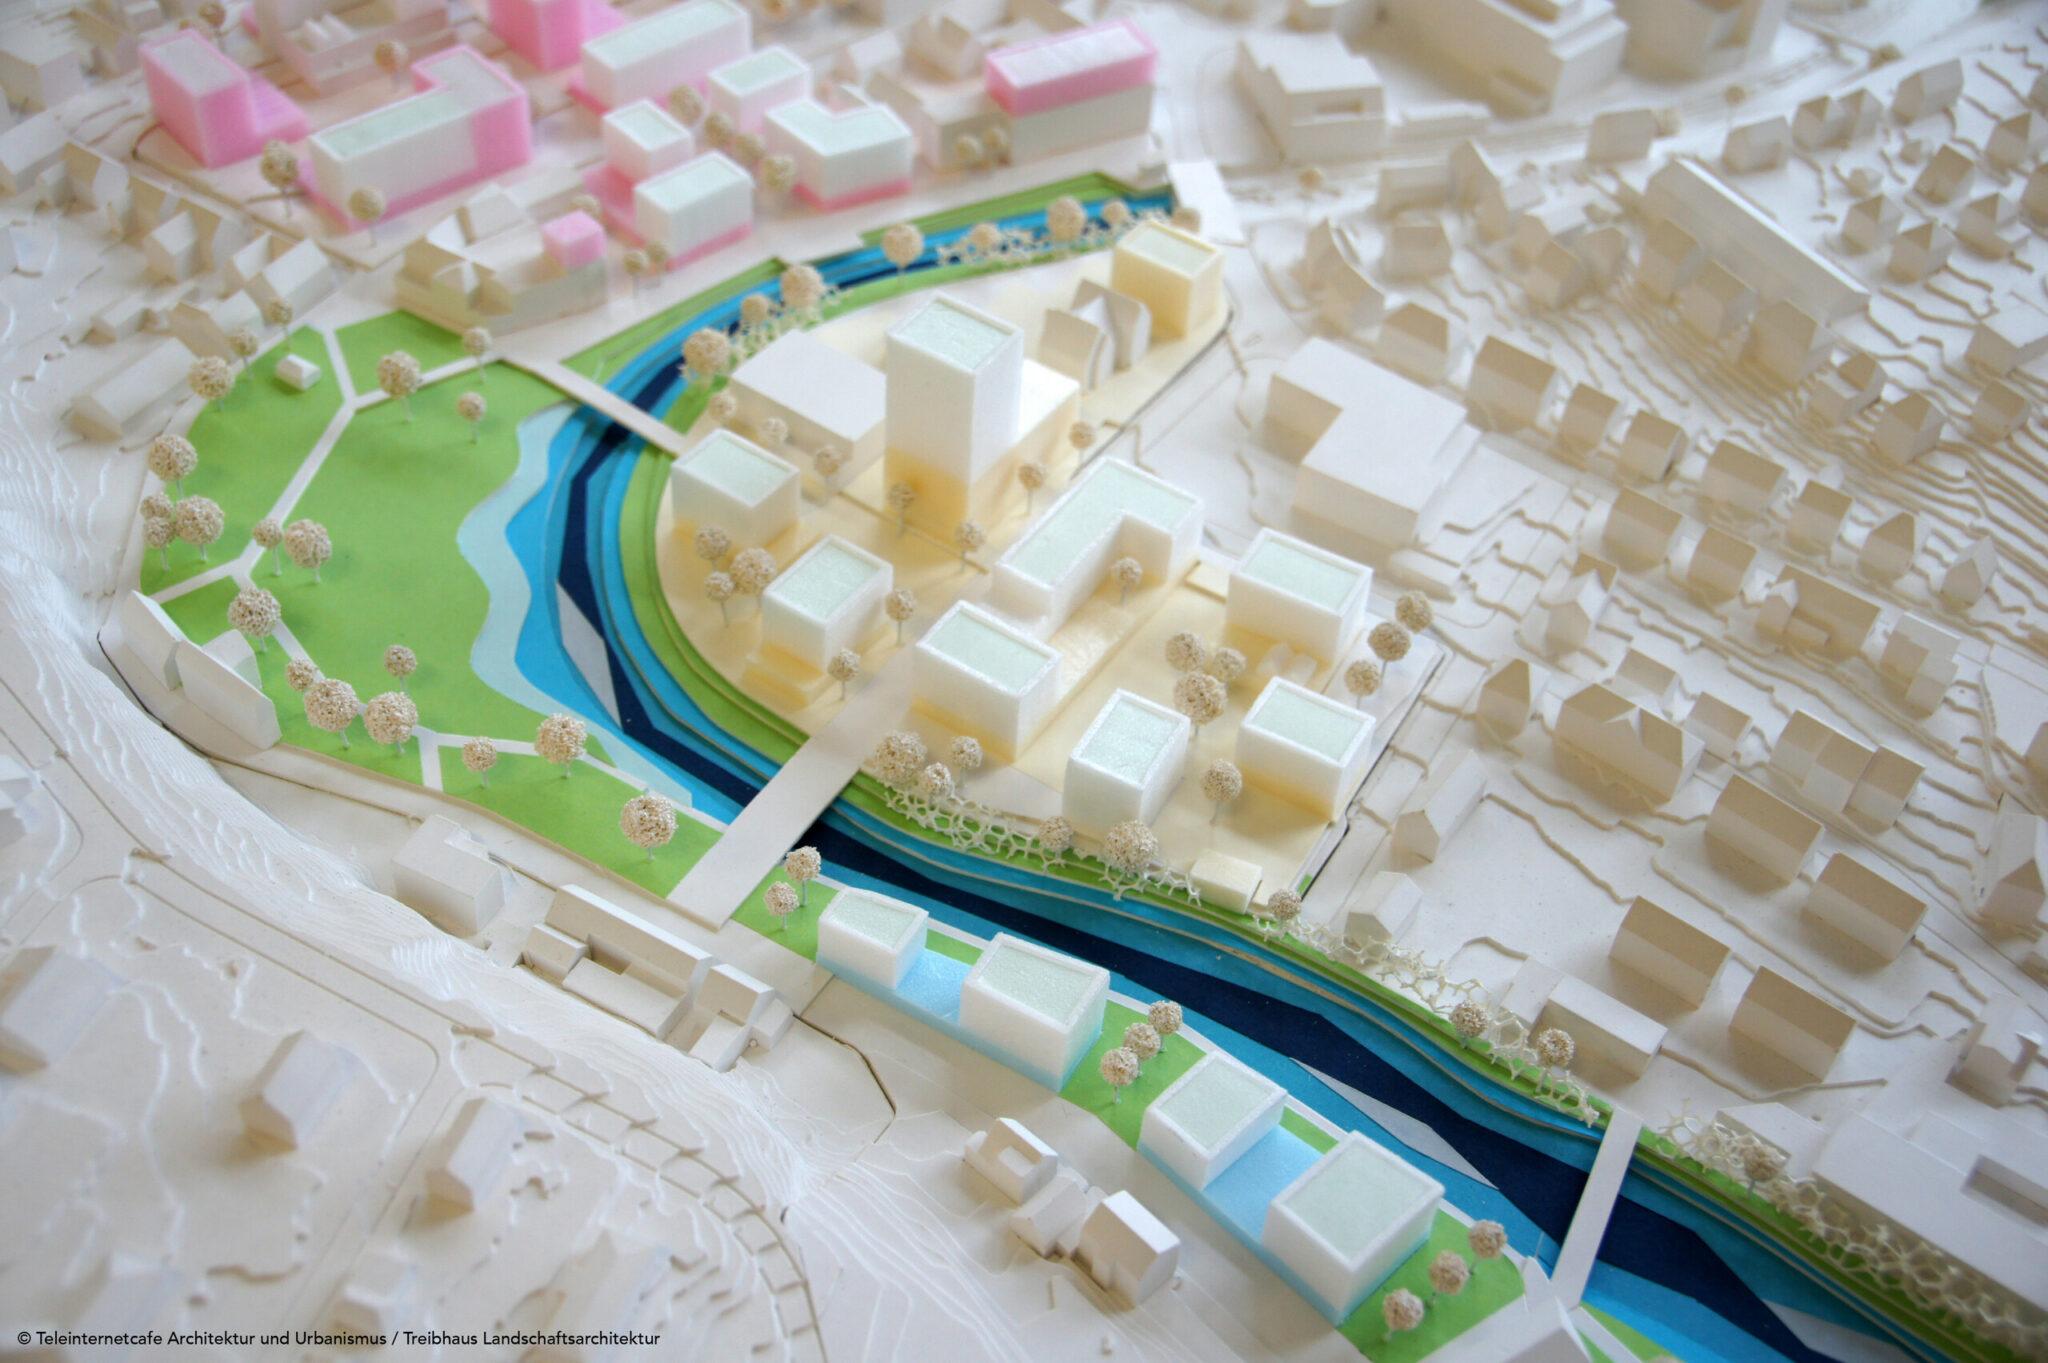 Wettbewerb »Quartier Backnang West«: Modell des Siegerentwurfs von Teleinternetcafe Architektur und Urbanismus zusammen mit Treibhaus Landschaftsarchitektur (Bild: Teleinternetcafe / Treibhaus)